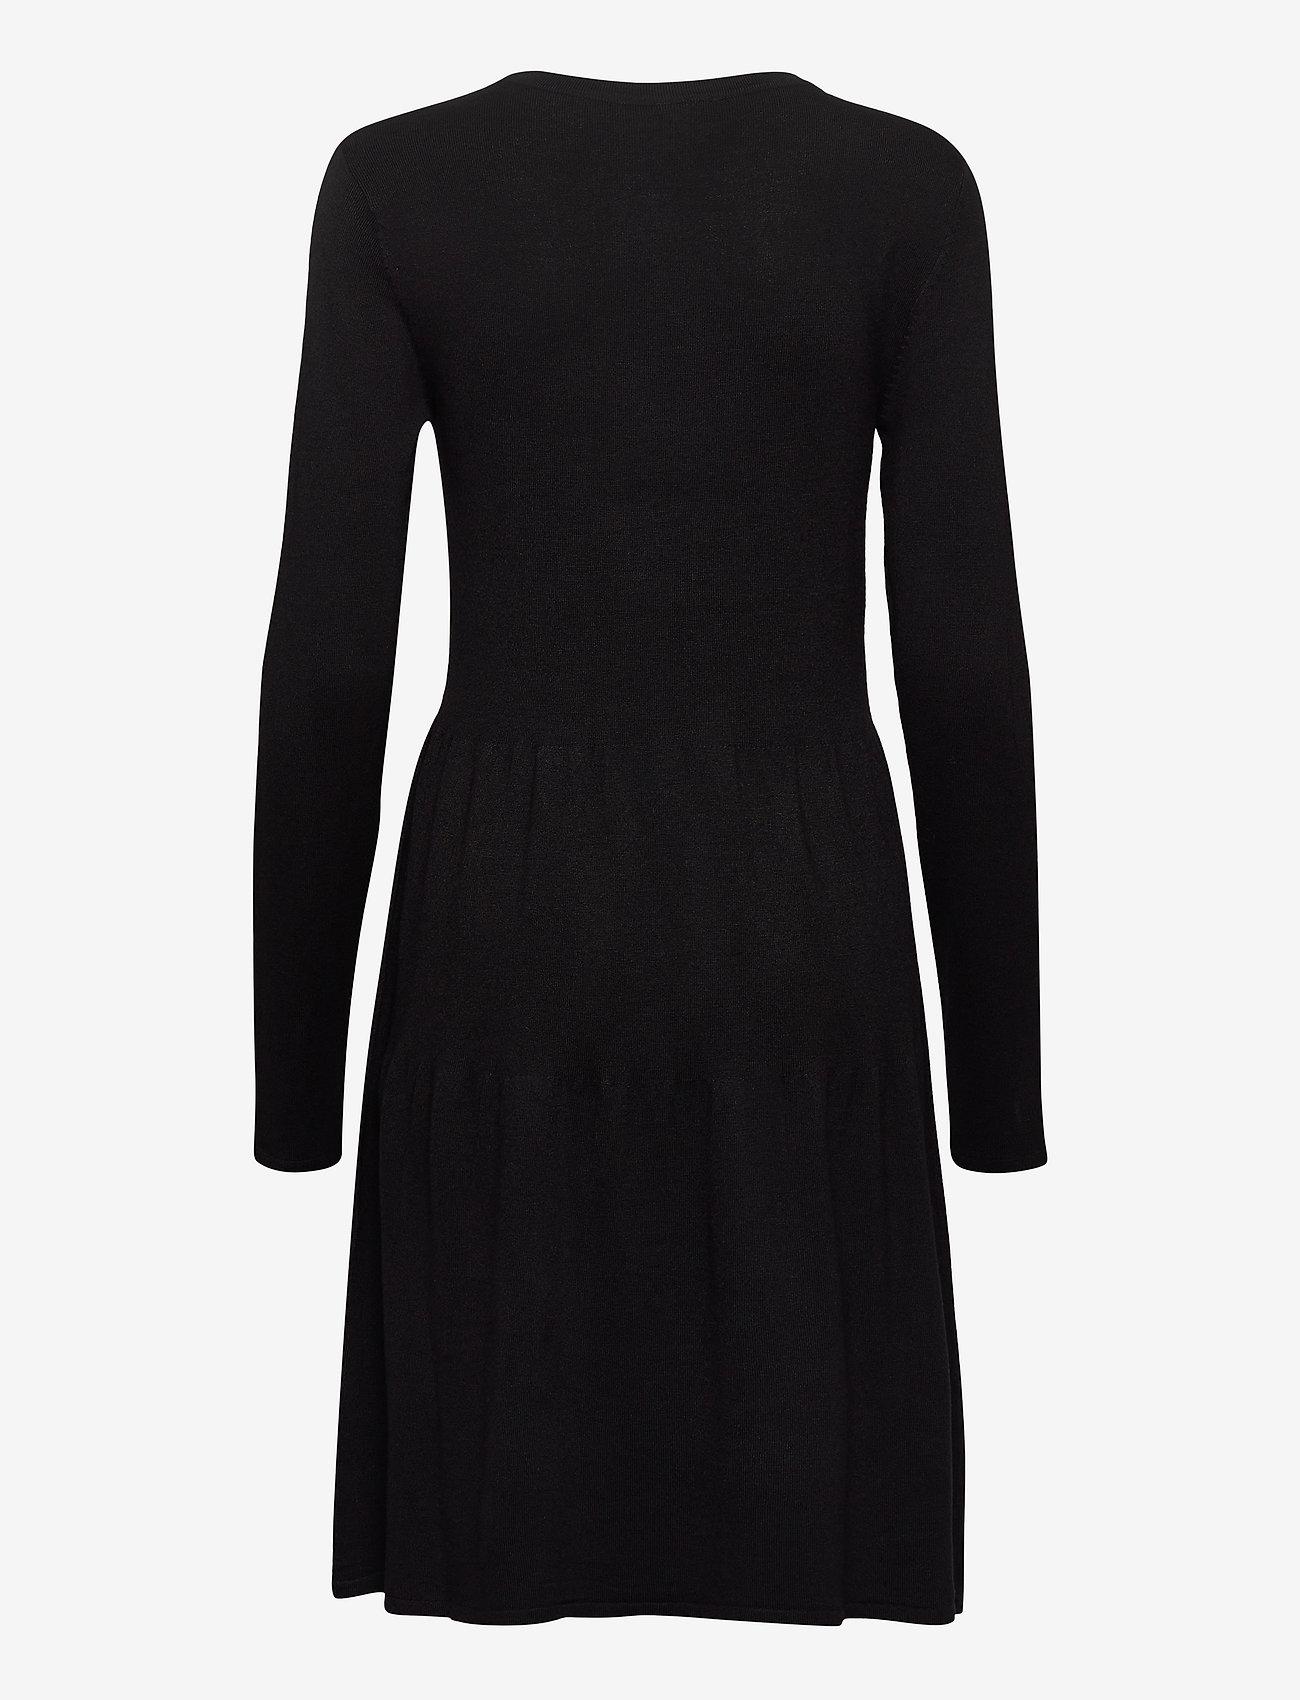 Vila - VIBOLONSIA KNIT L/S DRESS TB - midi dresses - black - 1